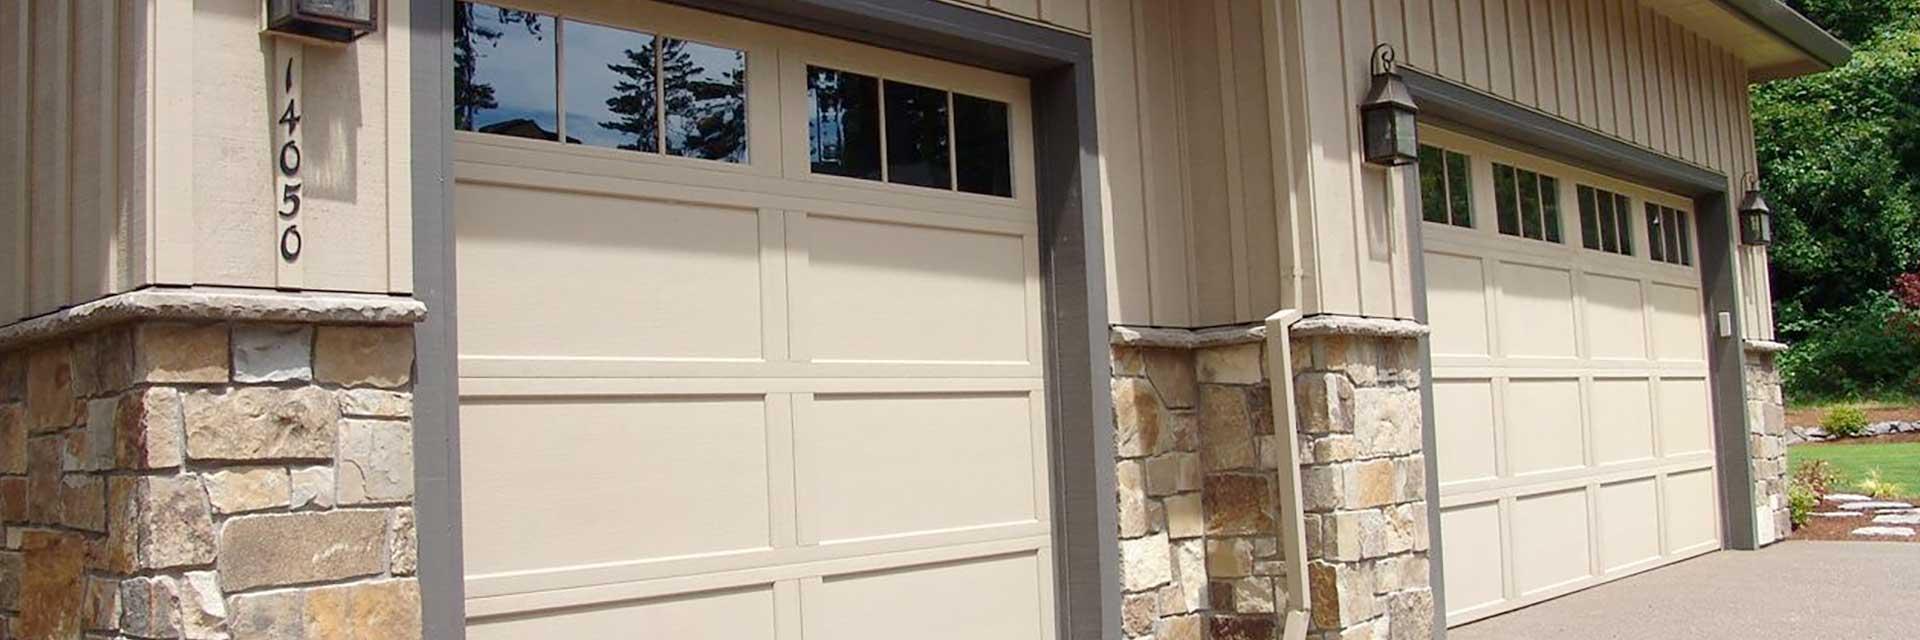 garage-door-styles-melbourne